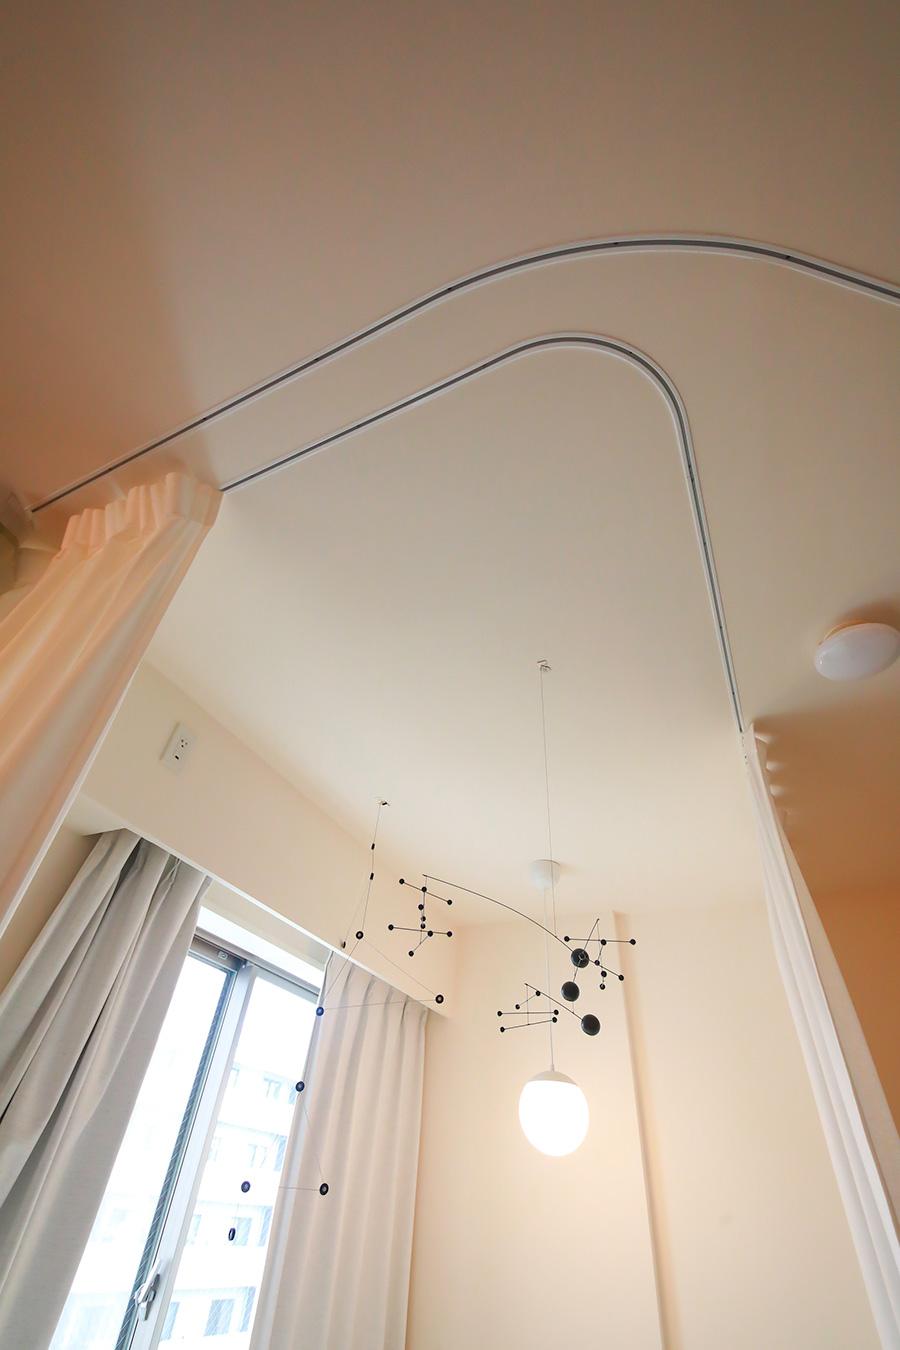 S字とL字、2本のレールが天井を走る。サイレントグリス社のレール「WAVE」は、カーテンのドレープが均等になる機能を持つ。